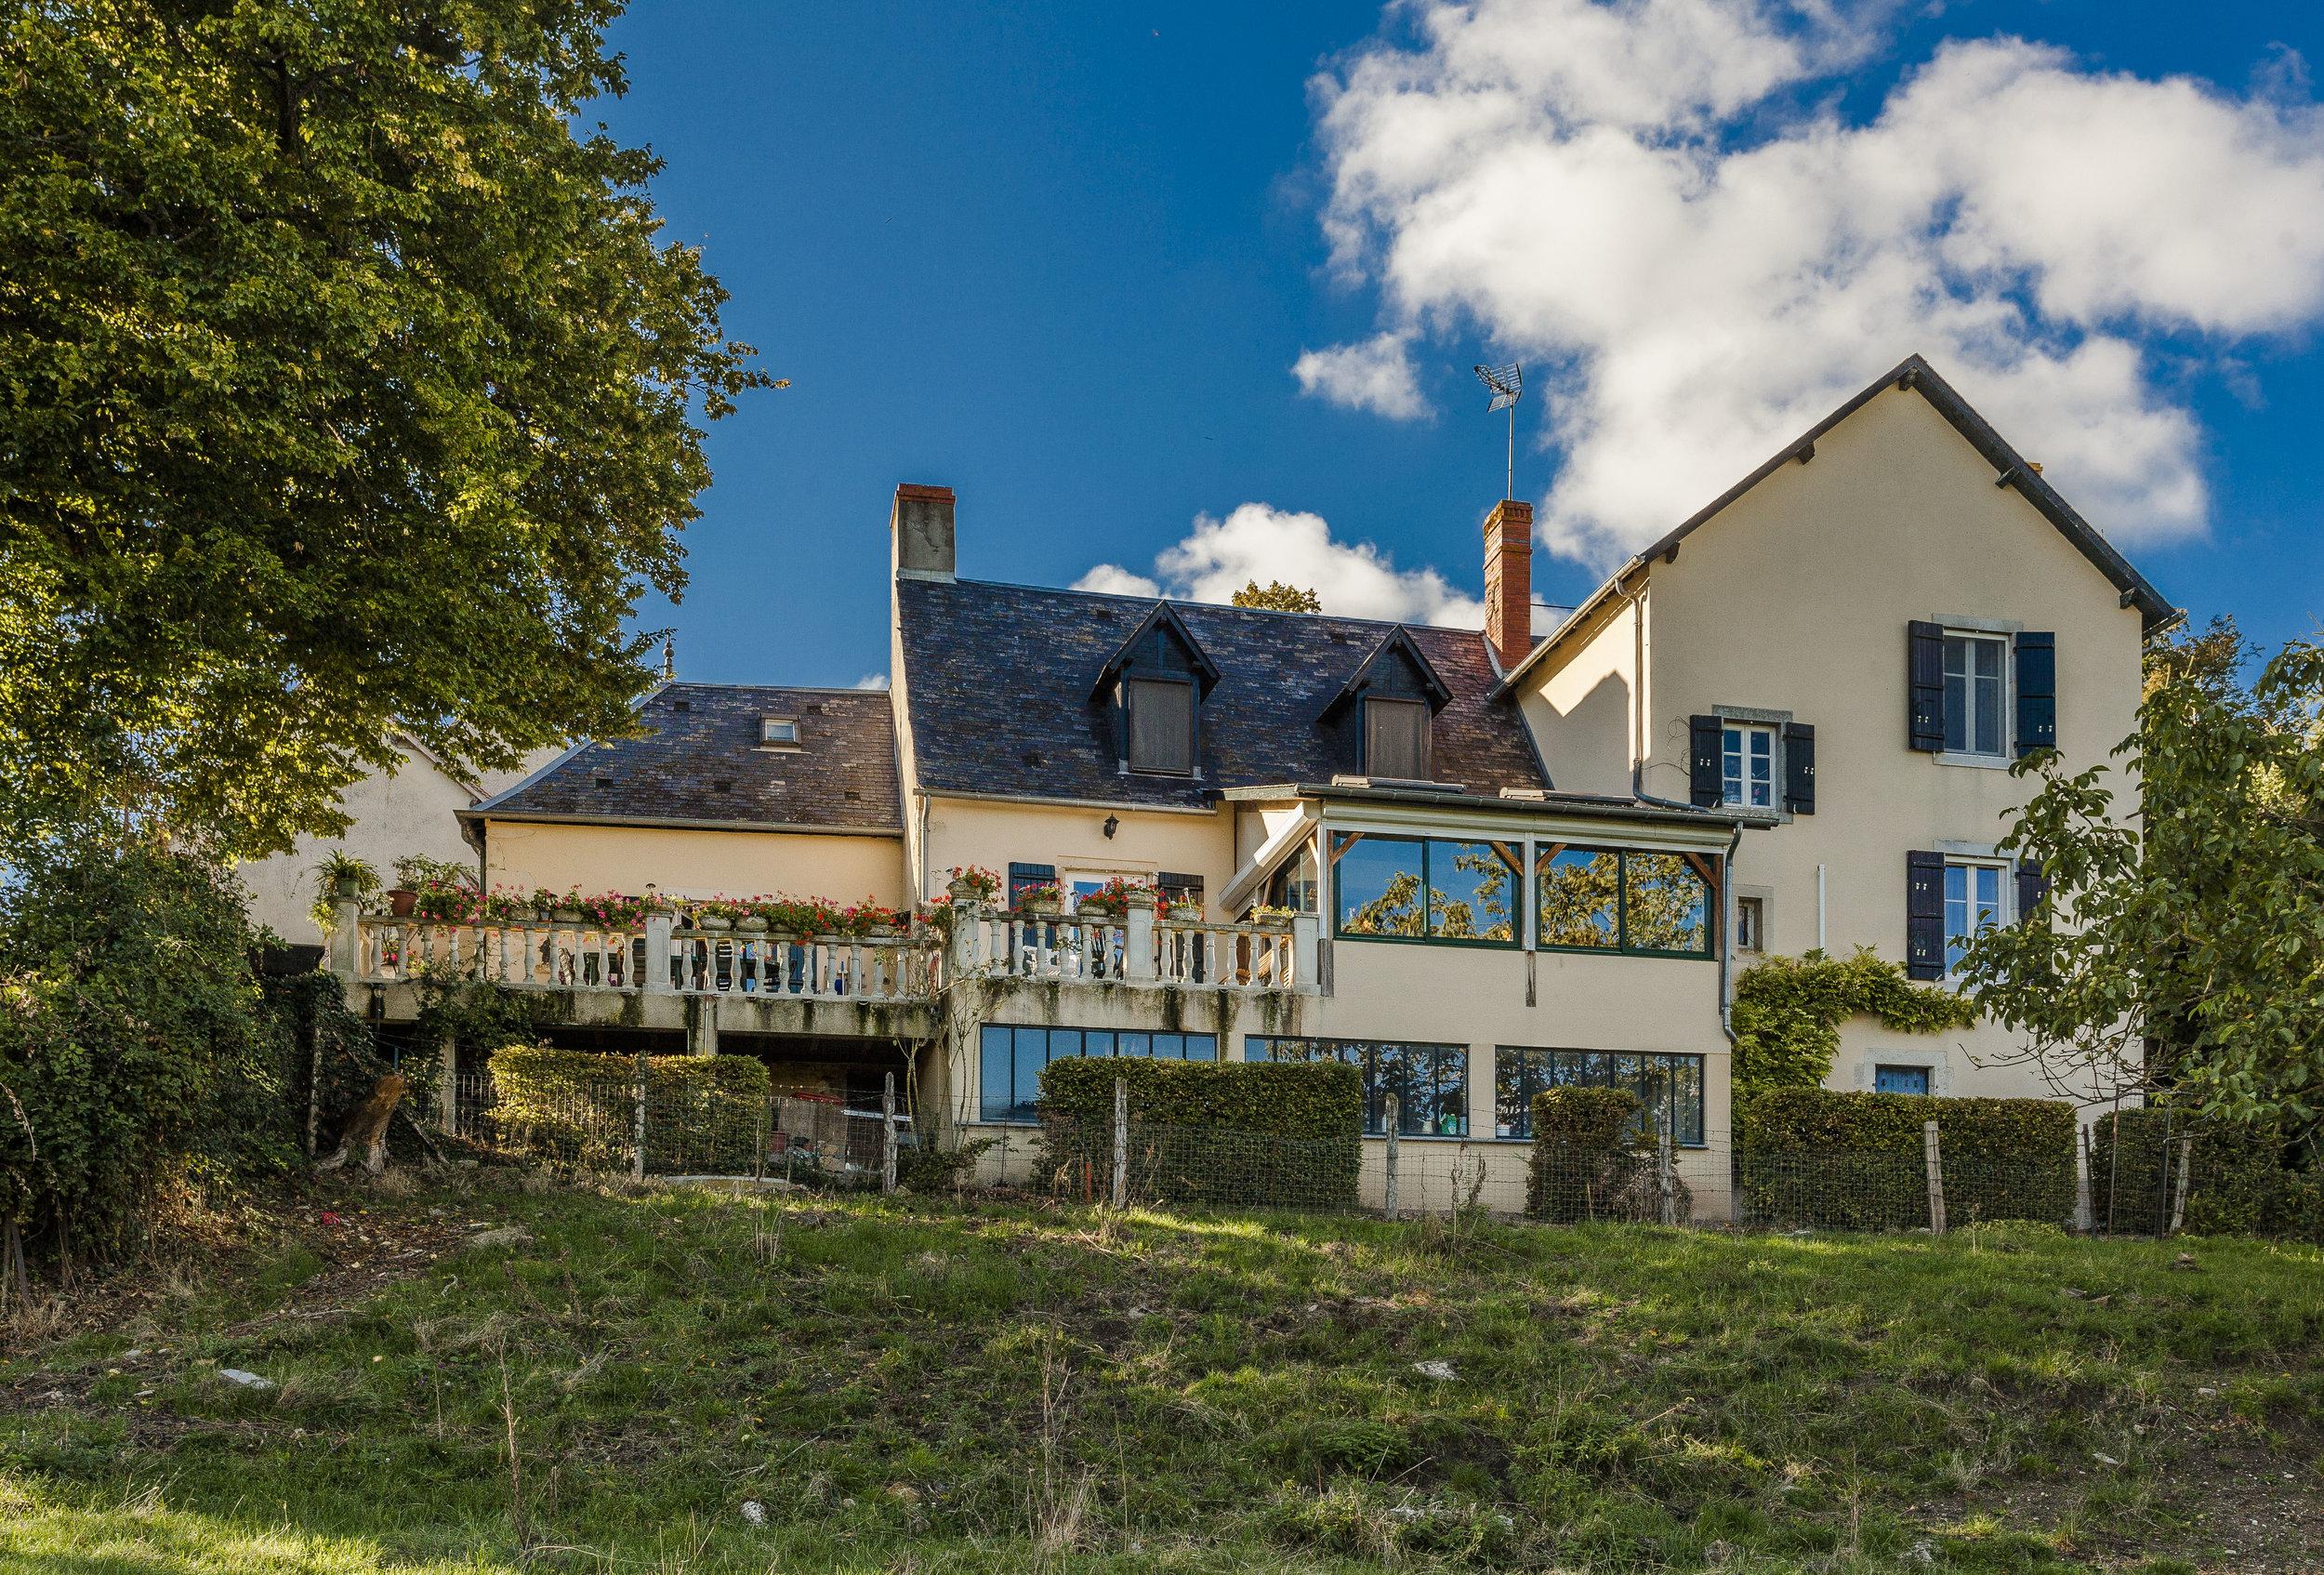 2330_gorini_immobilier_photographe_sancoin_jouy_france.JPG